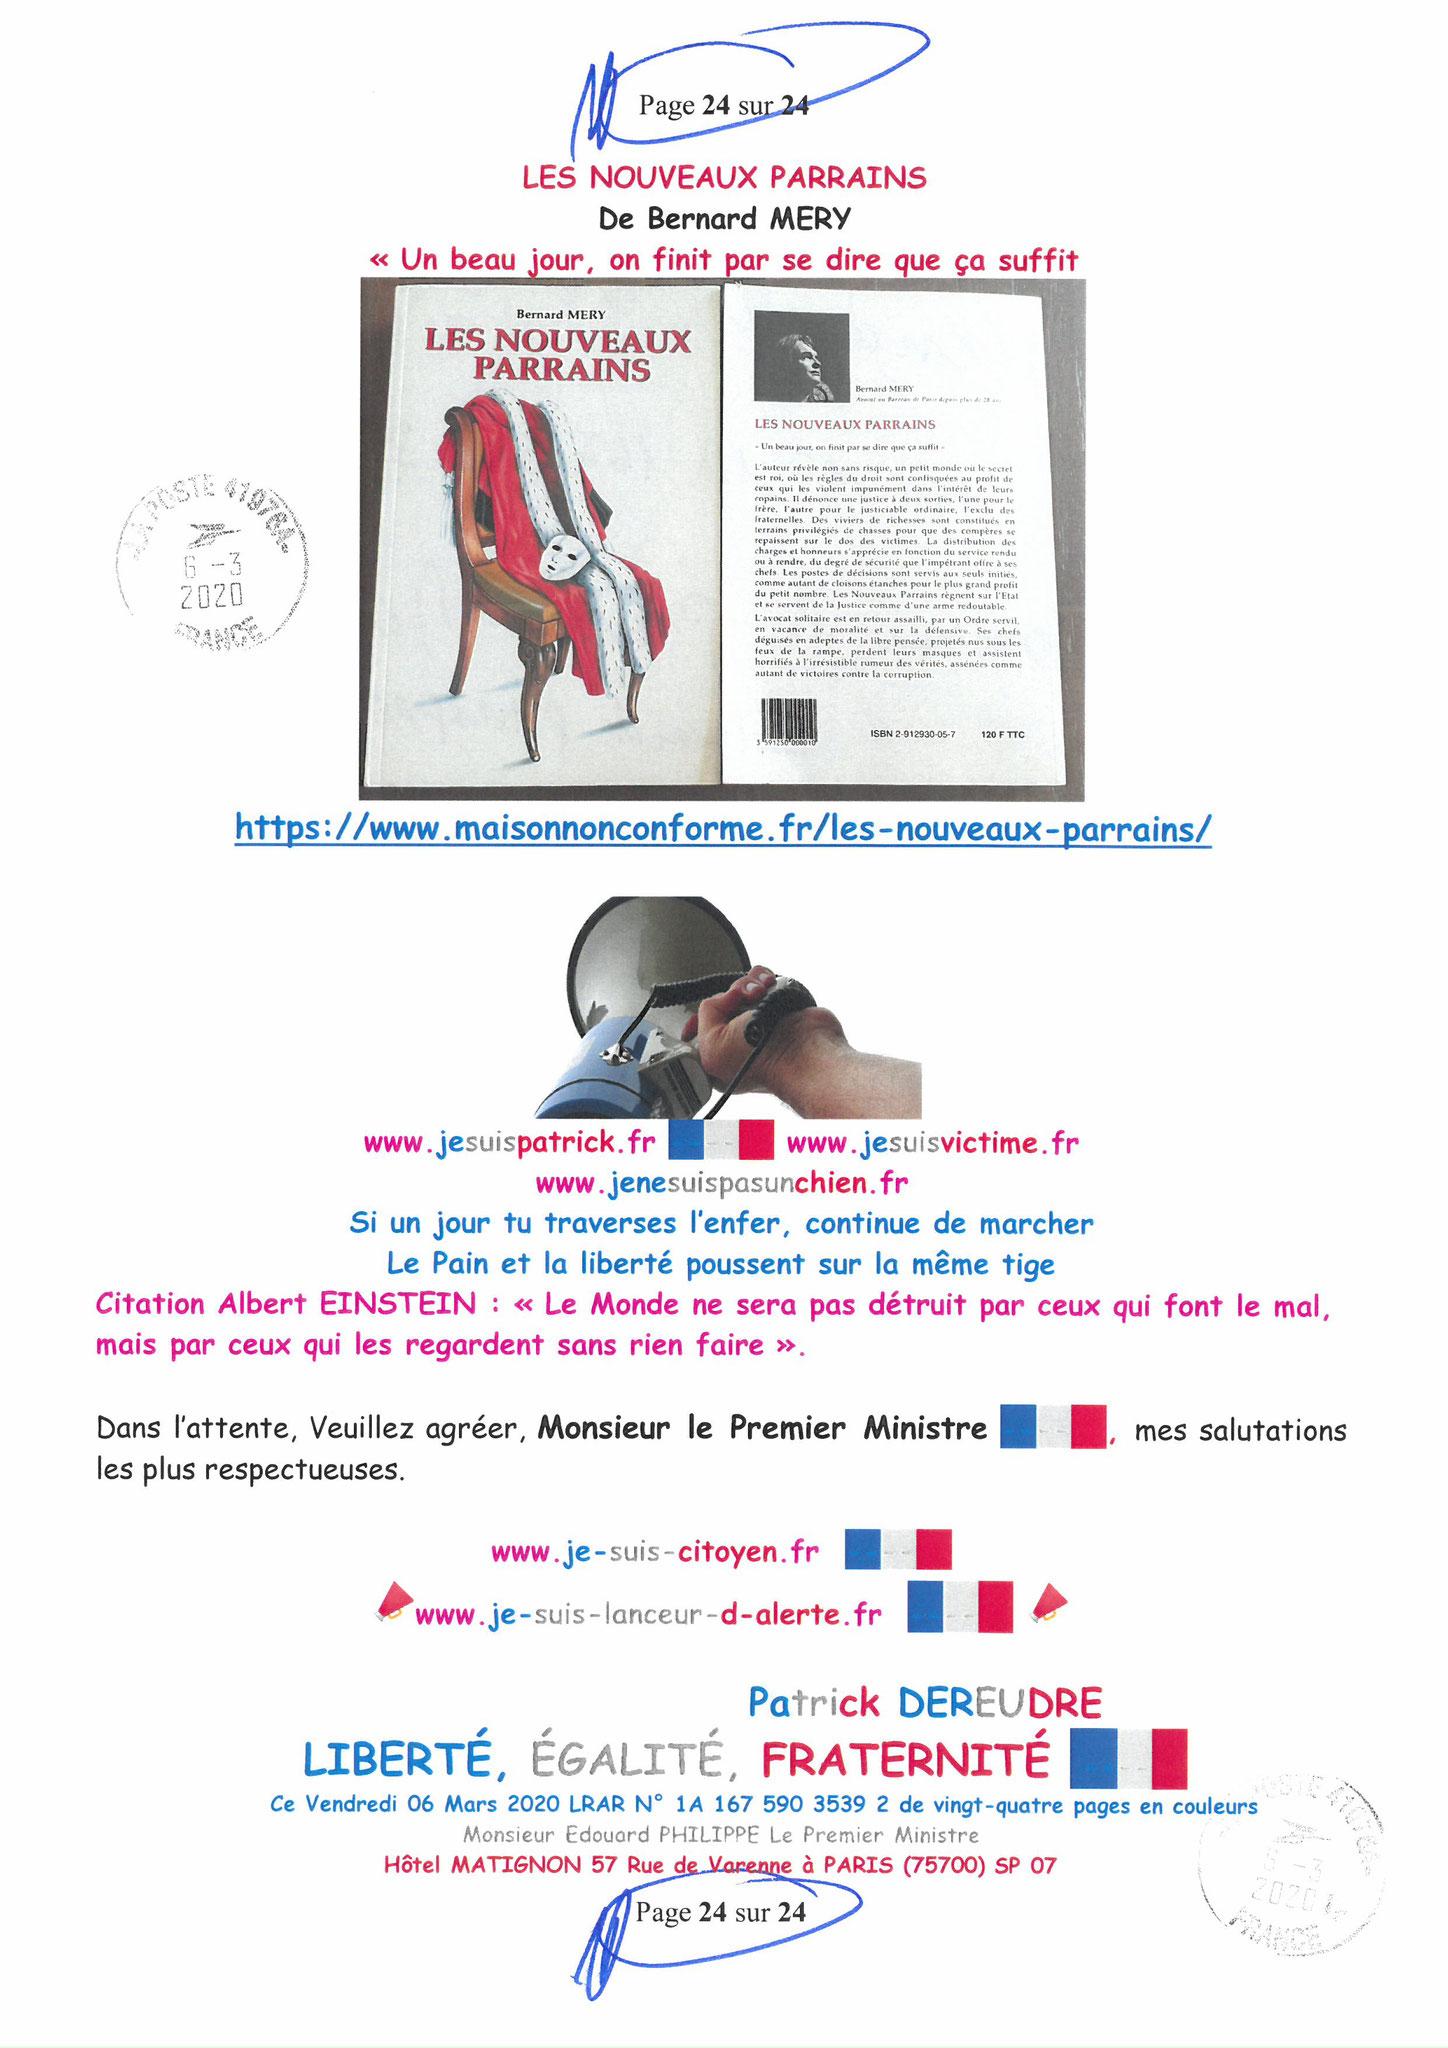 Ma LRAR à Monsieur le  Premier Ministre Edouard PHILIPPE N° 1A 167 590 3539 2 Page 24 sur 24 en Couleur du 06 Mars 2020  www.jesuispatrick.fr